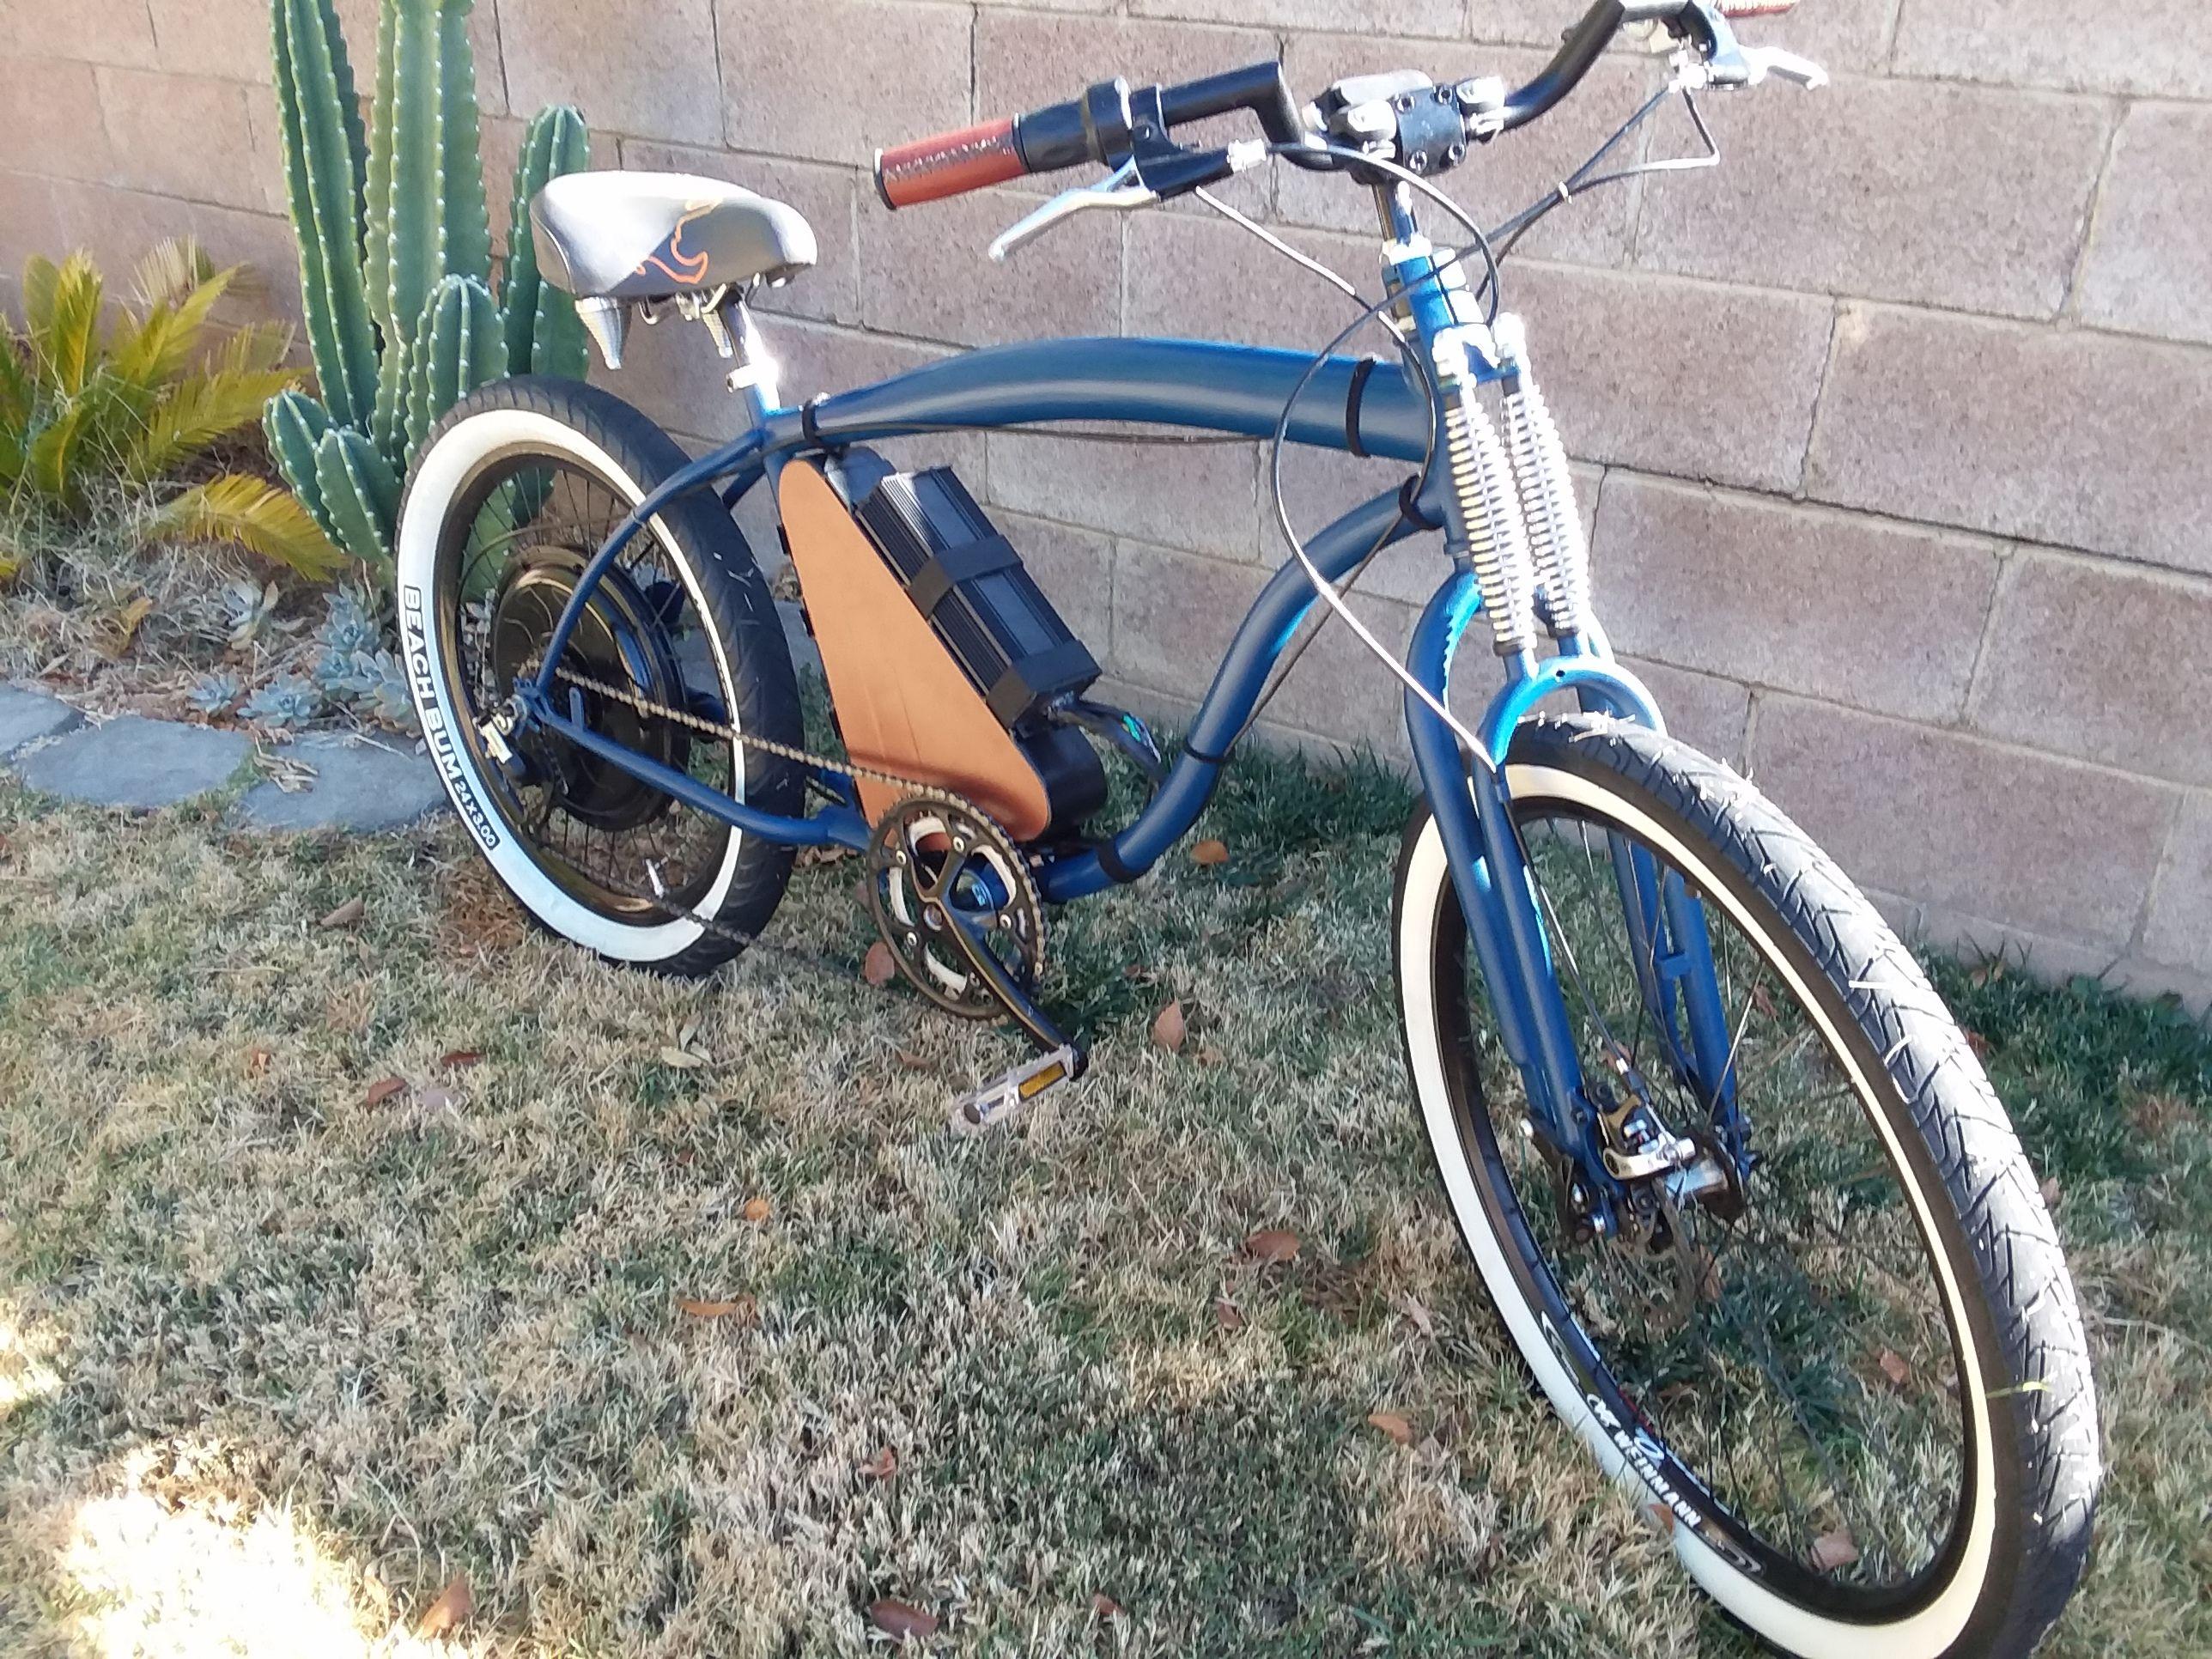 Ebike Beach Cruiser Electric Bicycle Conversion Bicycle Electric Bicycle Ebike